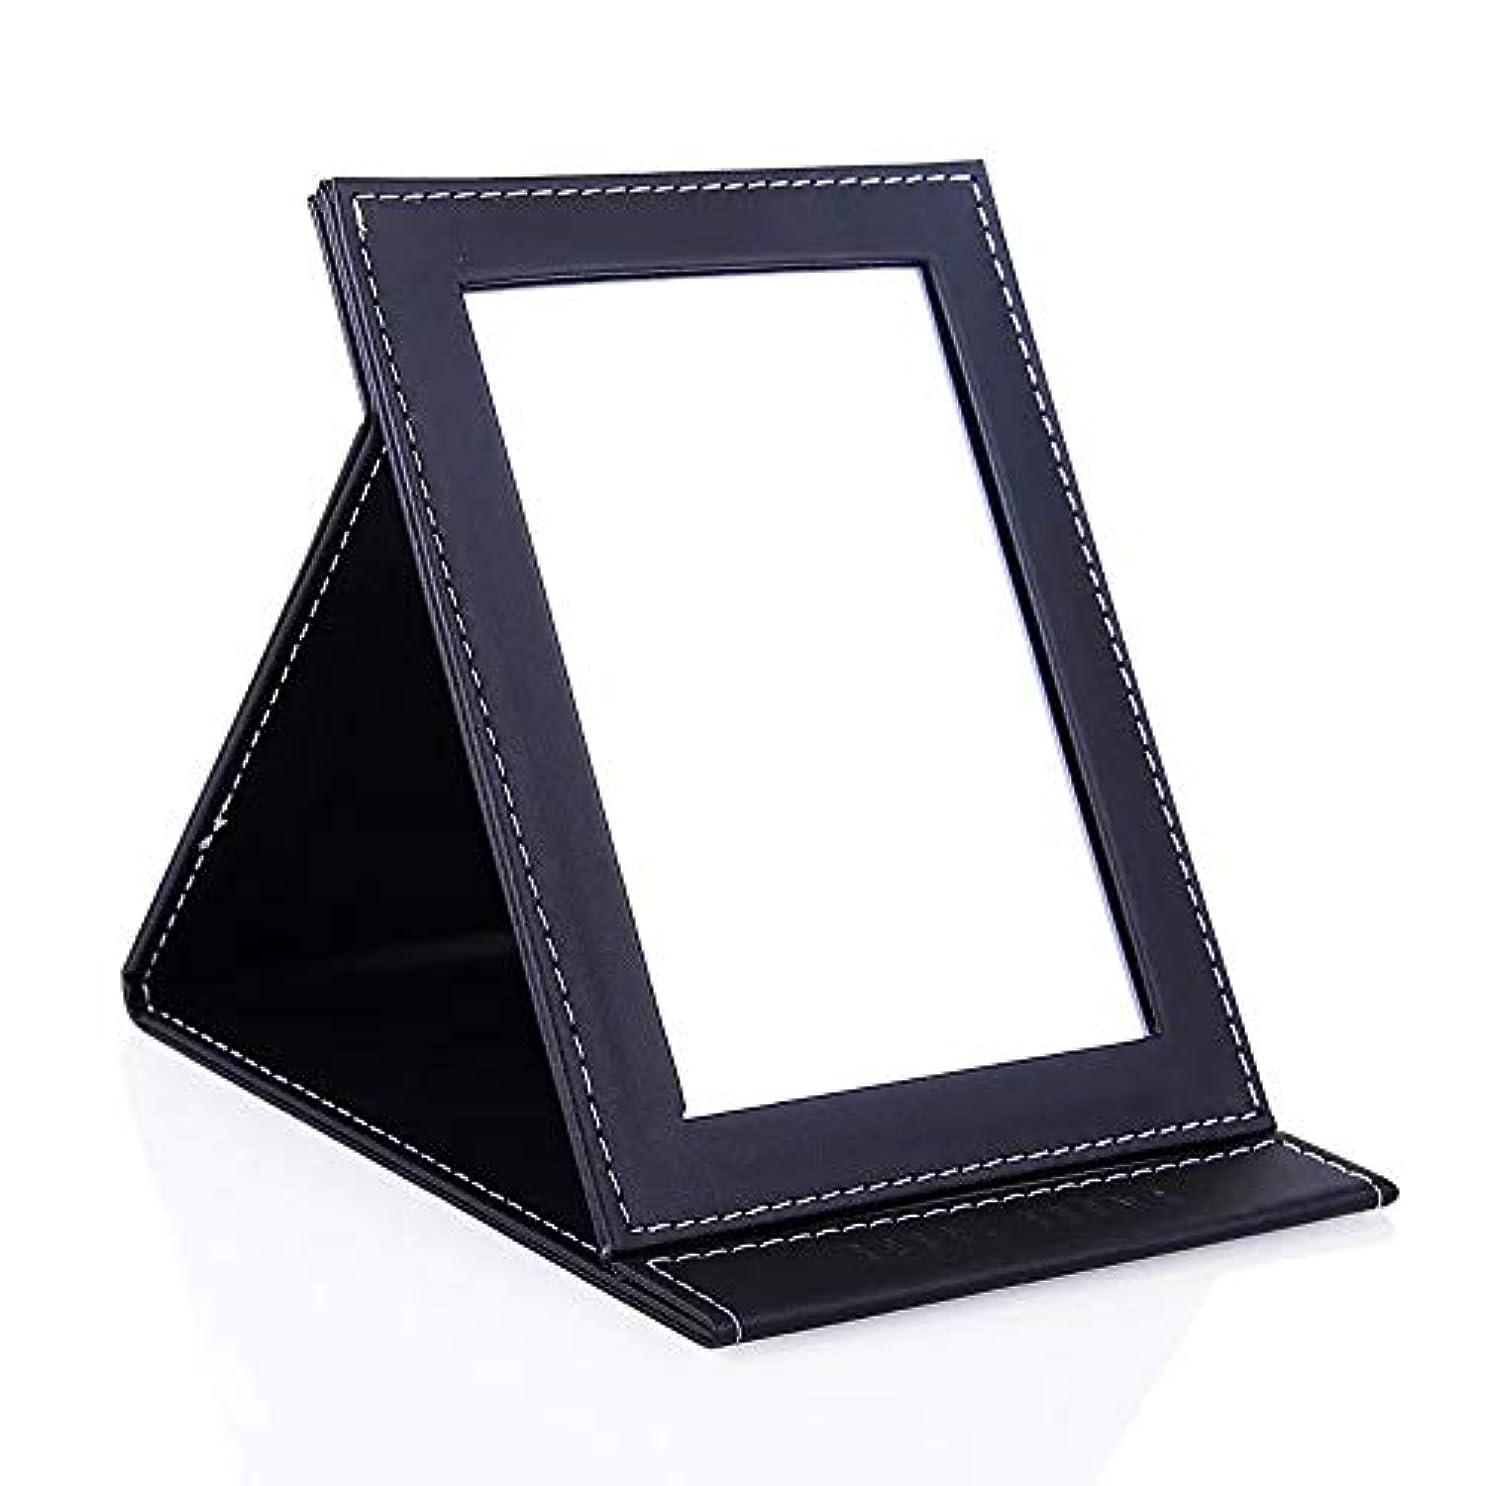 どこでも魅力ドリルMiaoma 化粧鏡 手鏡 折りたたみ式 卓上スタンドミラ ー PUレザー 持ち運び便利 収納 M …